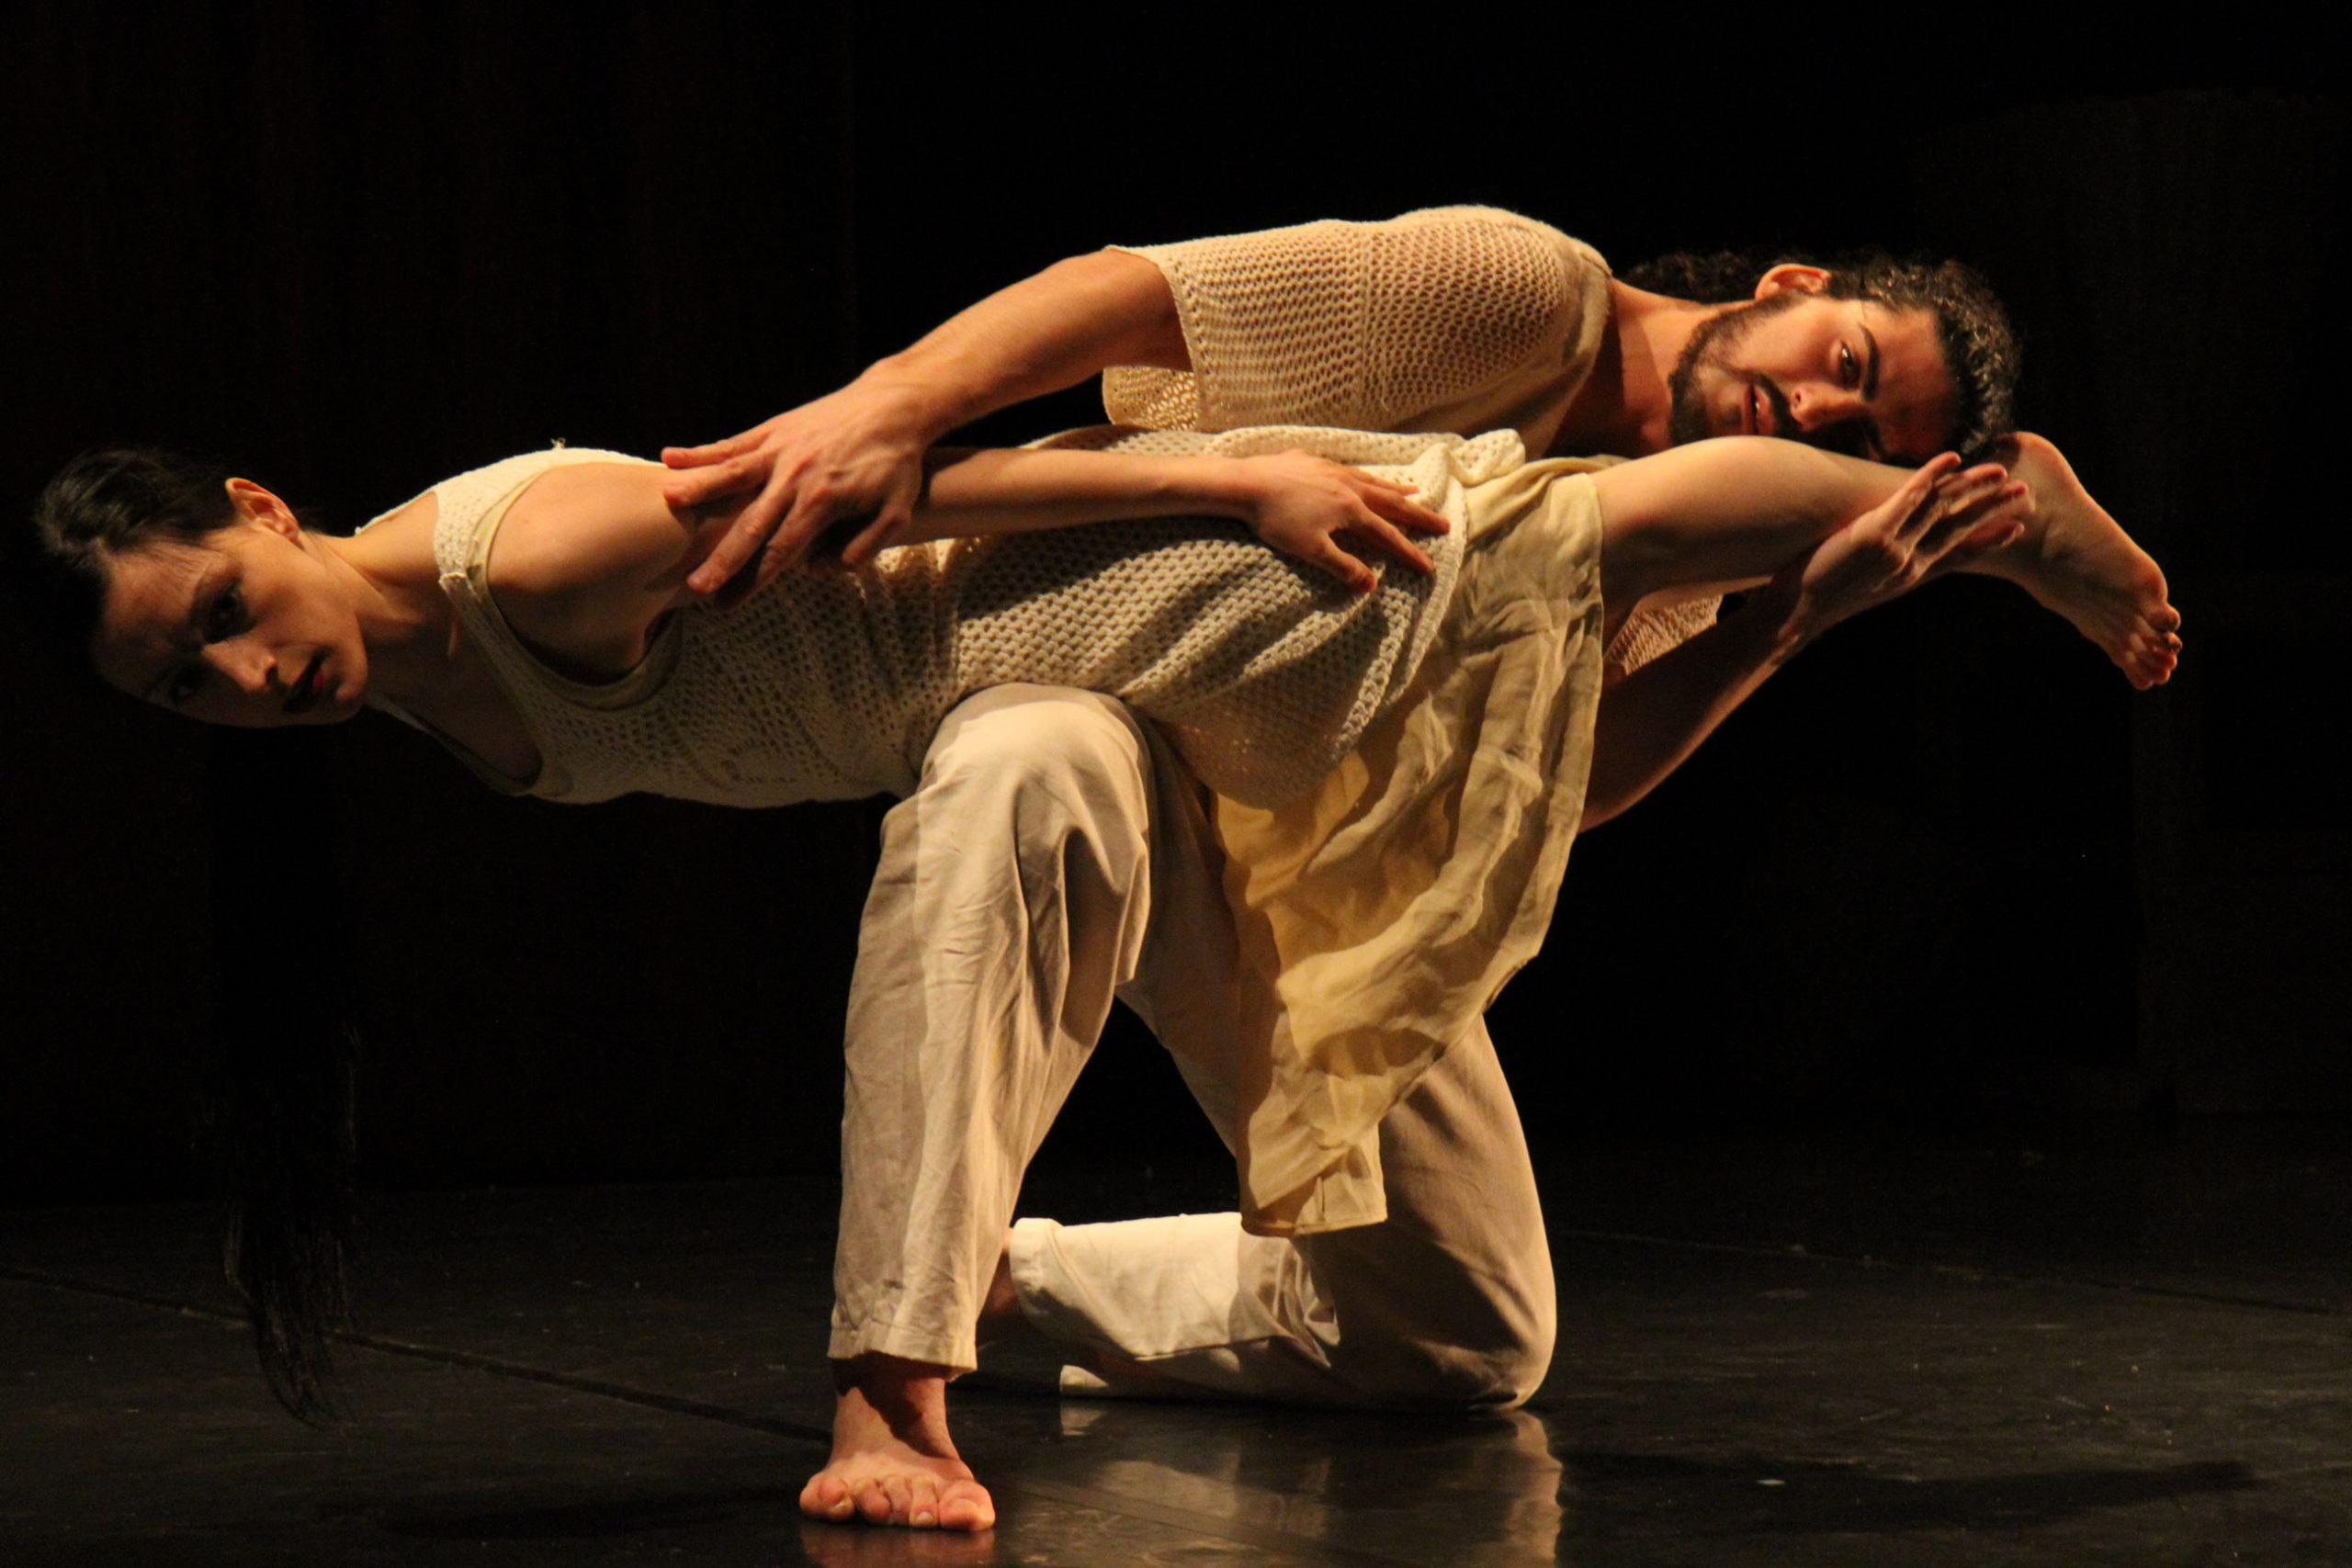 Danzare in equilibrio tra passato, presente e futuro